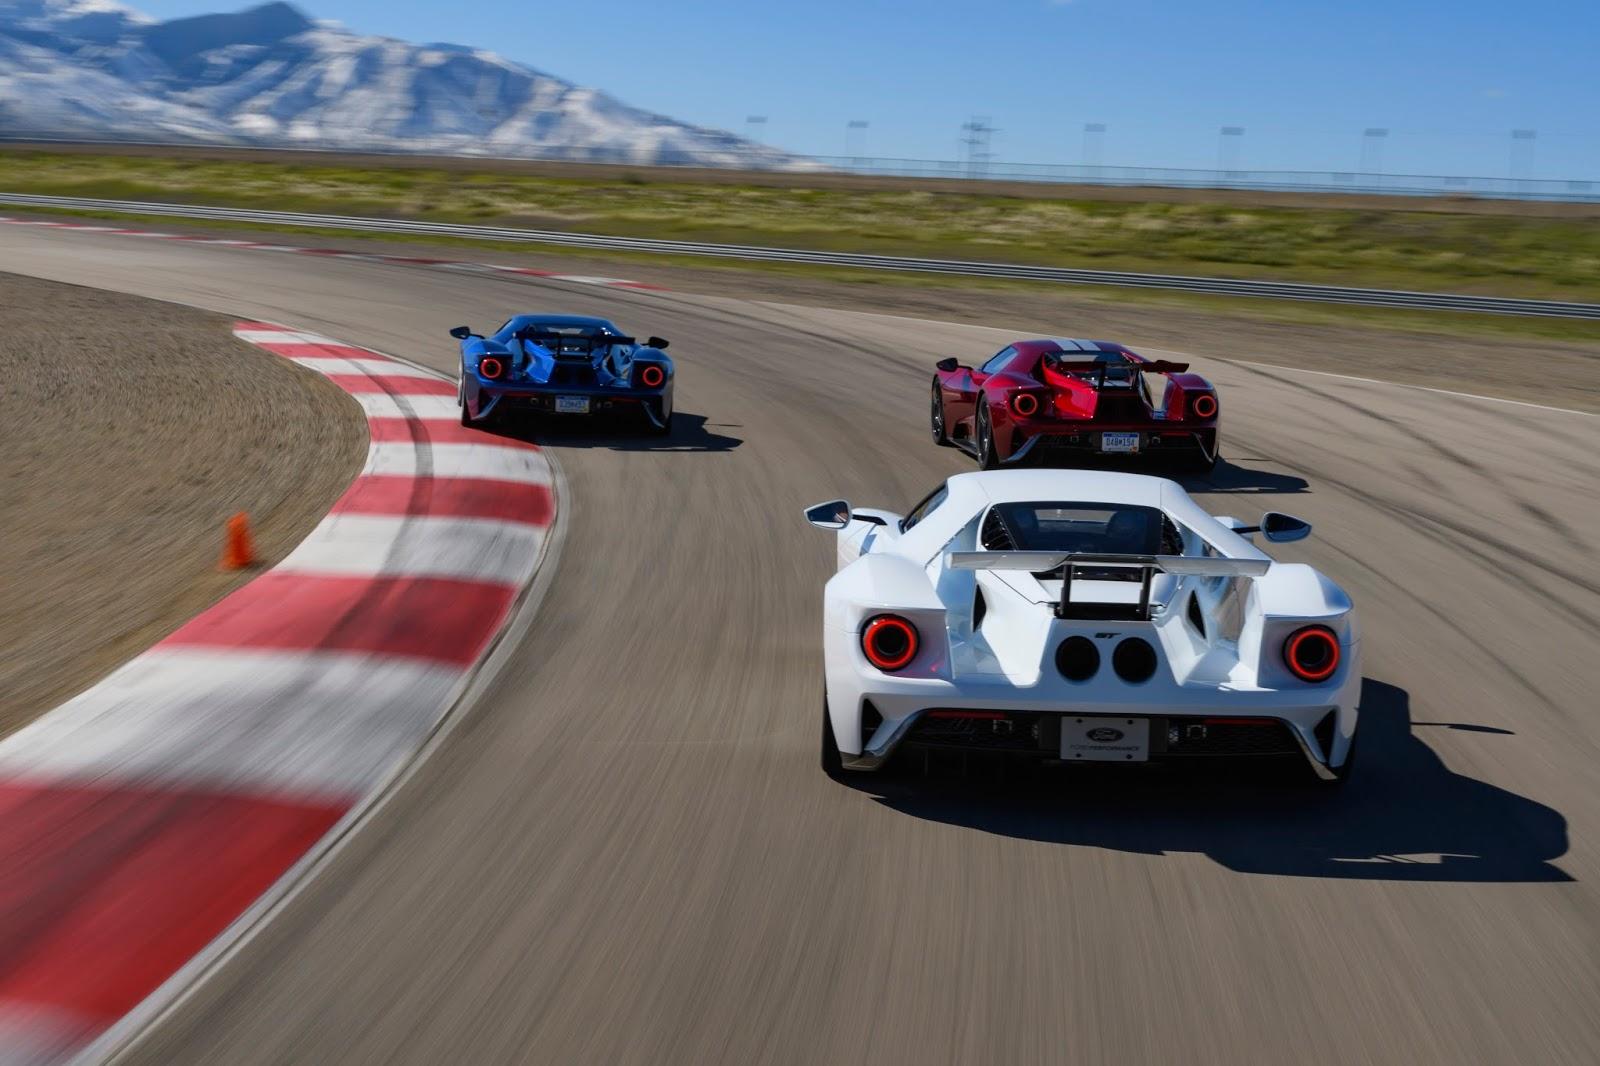 All NewFordGT Innovations 032B252812529 Ford GT : Το αυτοκίνητο του αύριο... σήμερα Ford, Ford GT, Ford GT 40, Future, supercars, τεχνικά, Τεχνολογία